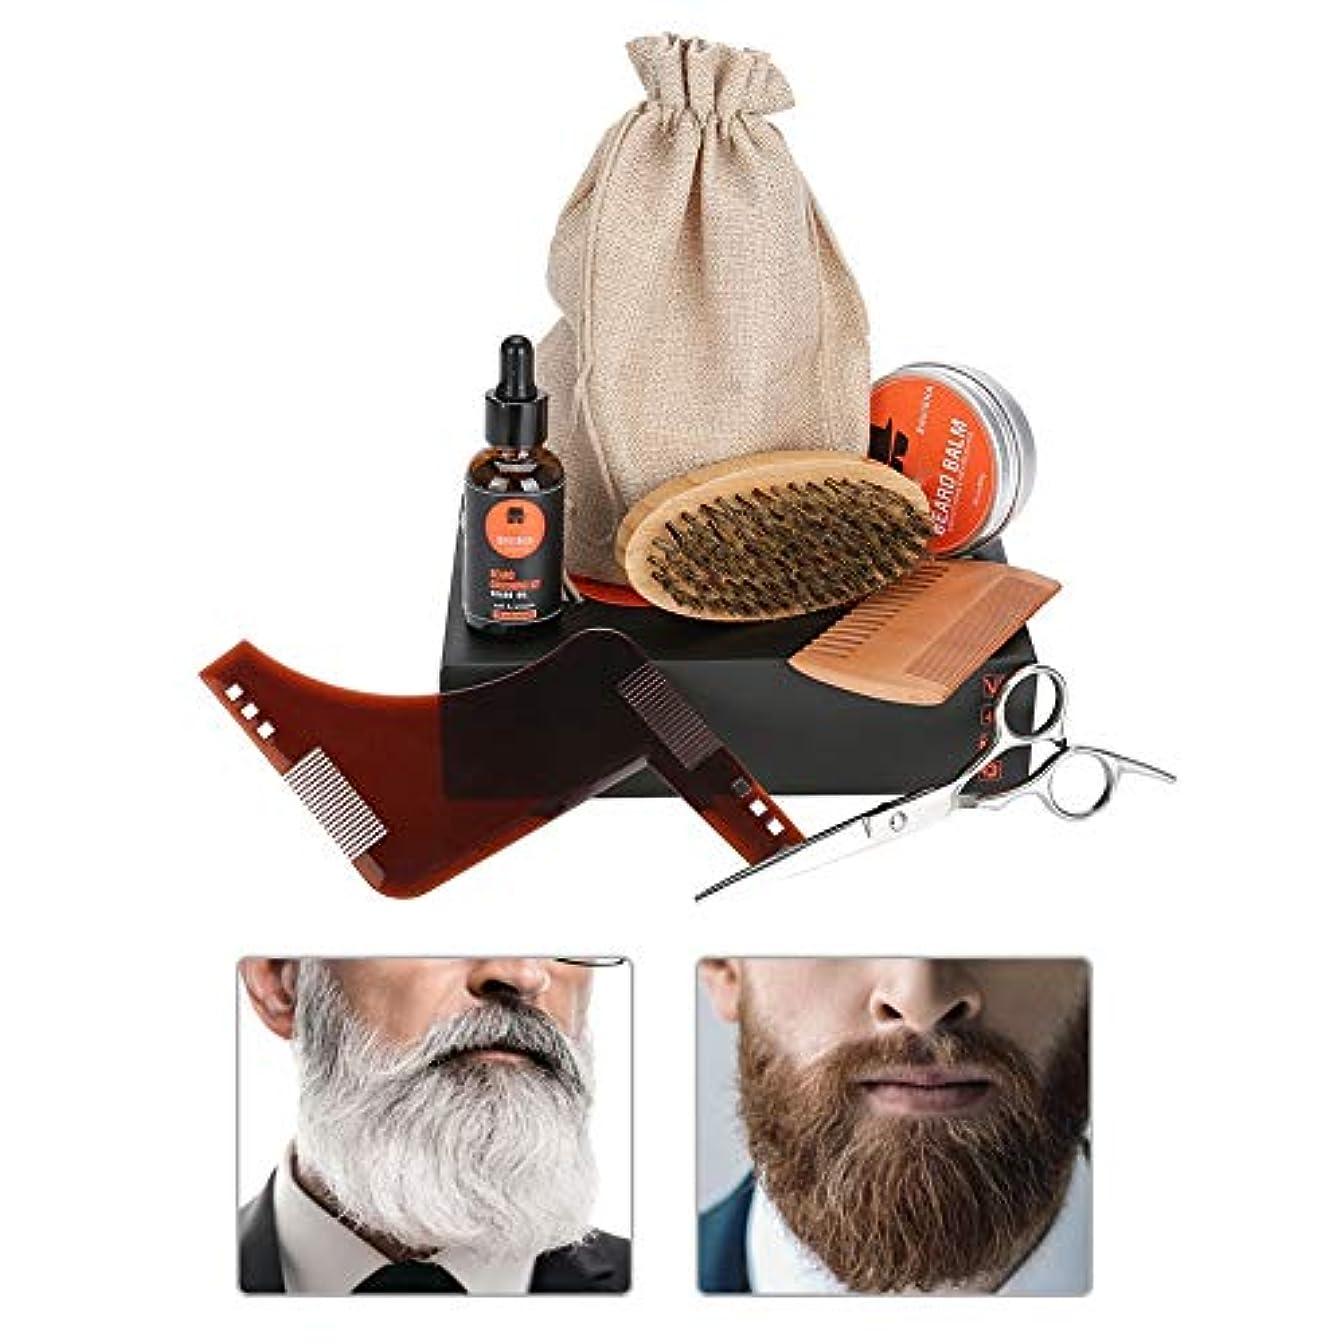 収まるキウイマチュピチュひげグルーミングキット、7本のアップグレードされたひげ成長グルーミングおよび男性用トリミングケアキットひげコンボセットには、ヒゲバーム(60g)、ヒゲ油(60ml)、くし、ヒゲブラシ、はさみ、形ツールが含まれています